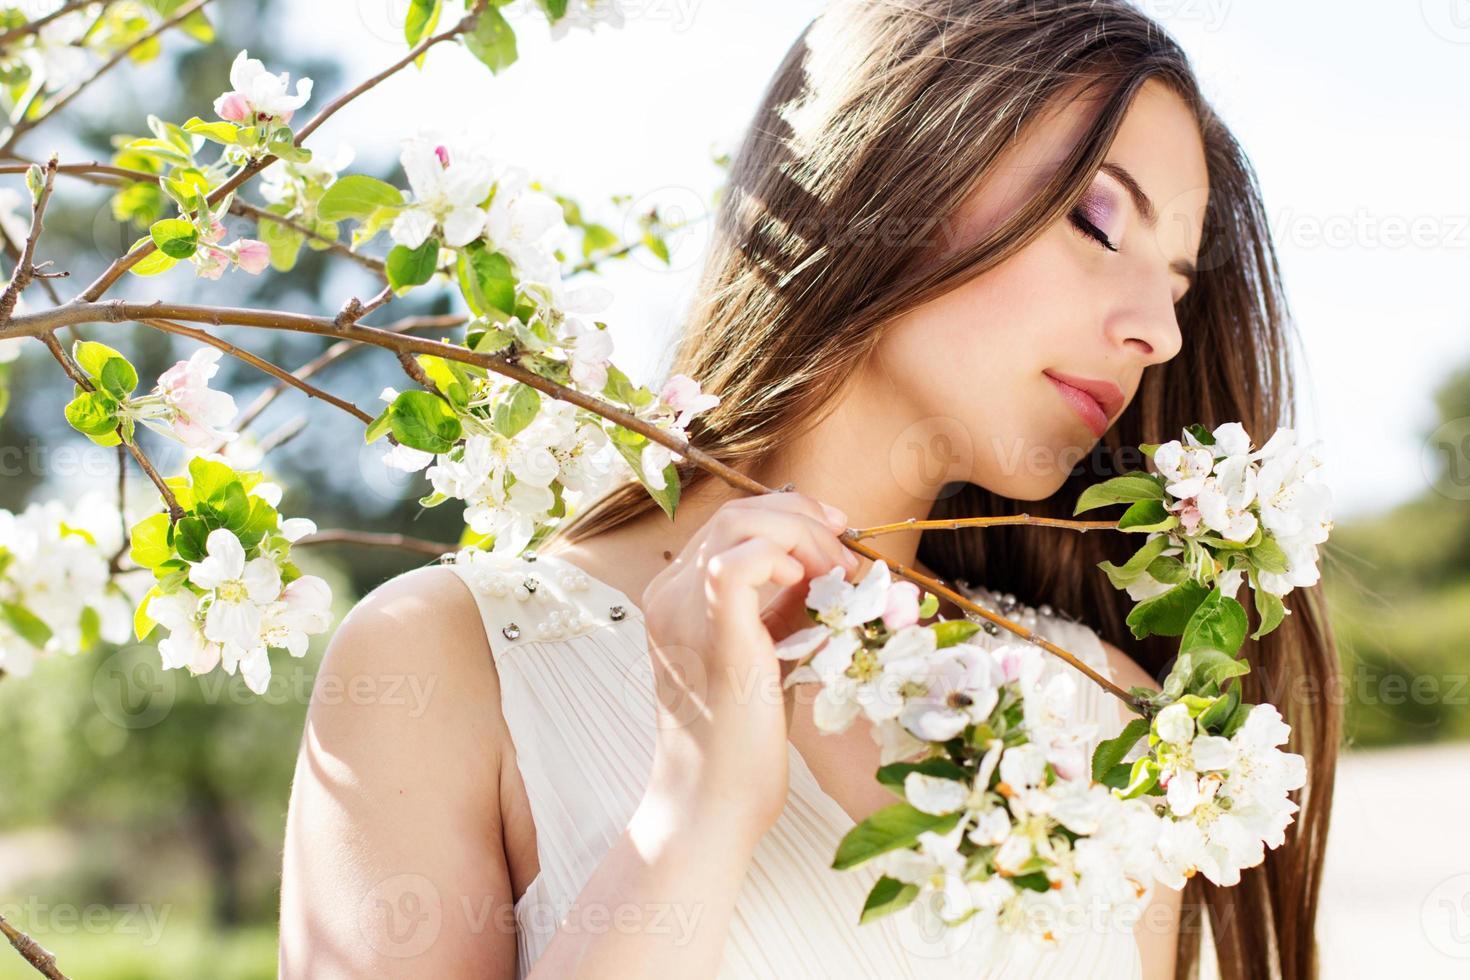 bella ragazza in un giardino di fiori di ciliegio foto